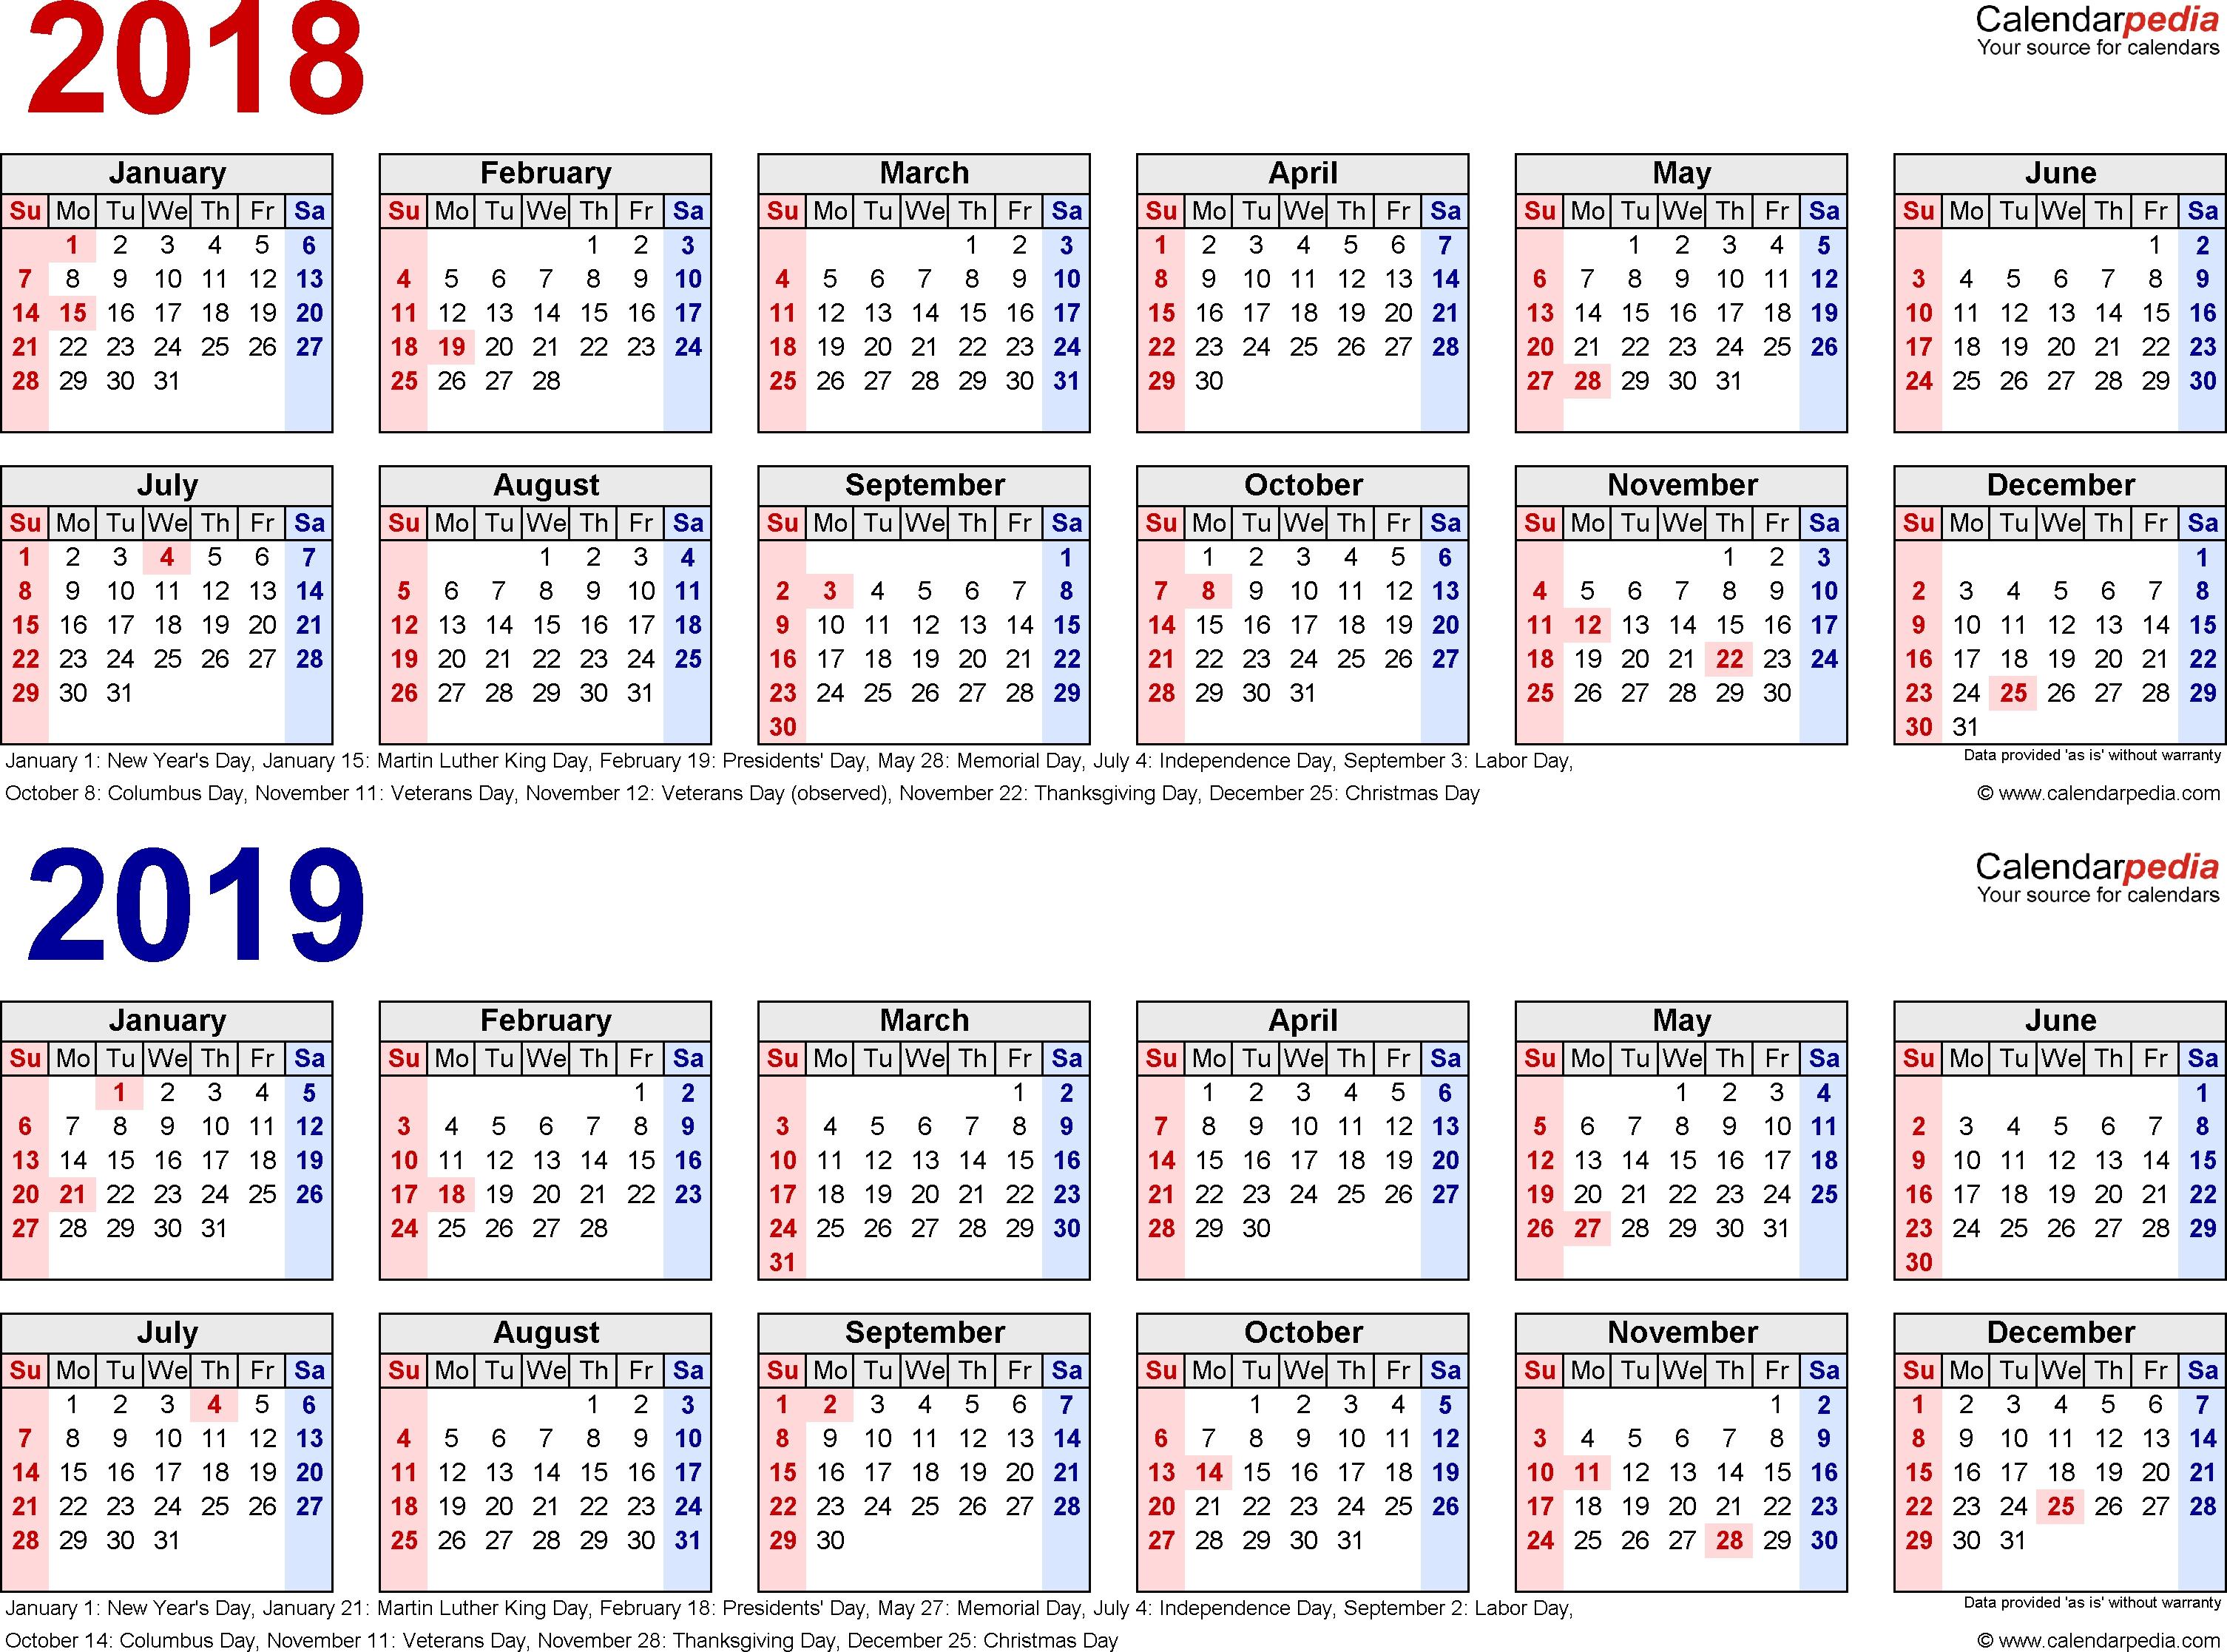 Period Calendar 2019 | Bazga 4-4-5 Calendar 2019